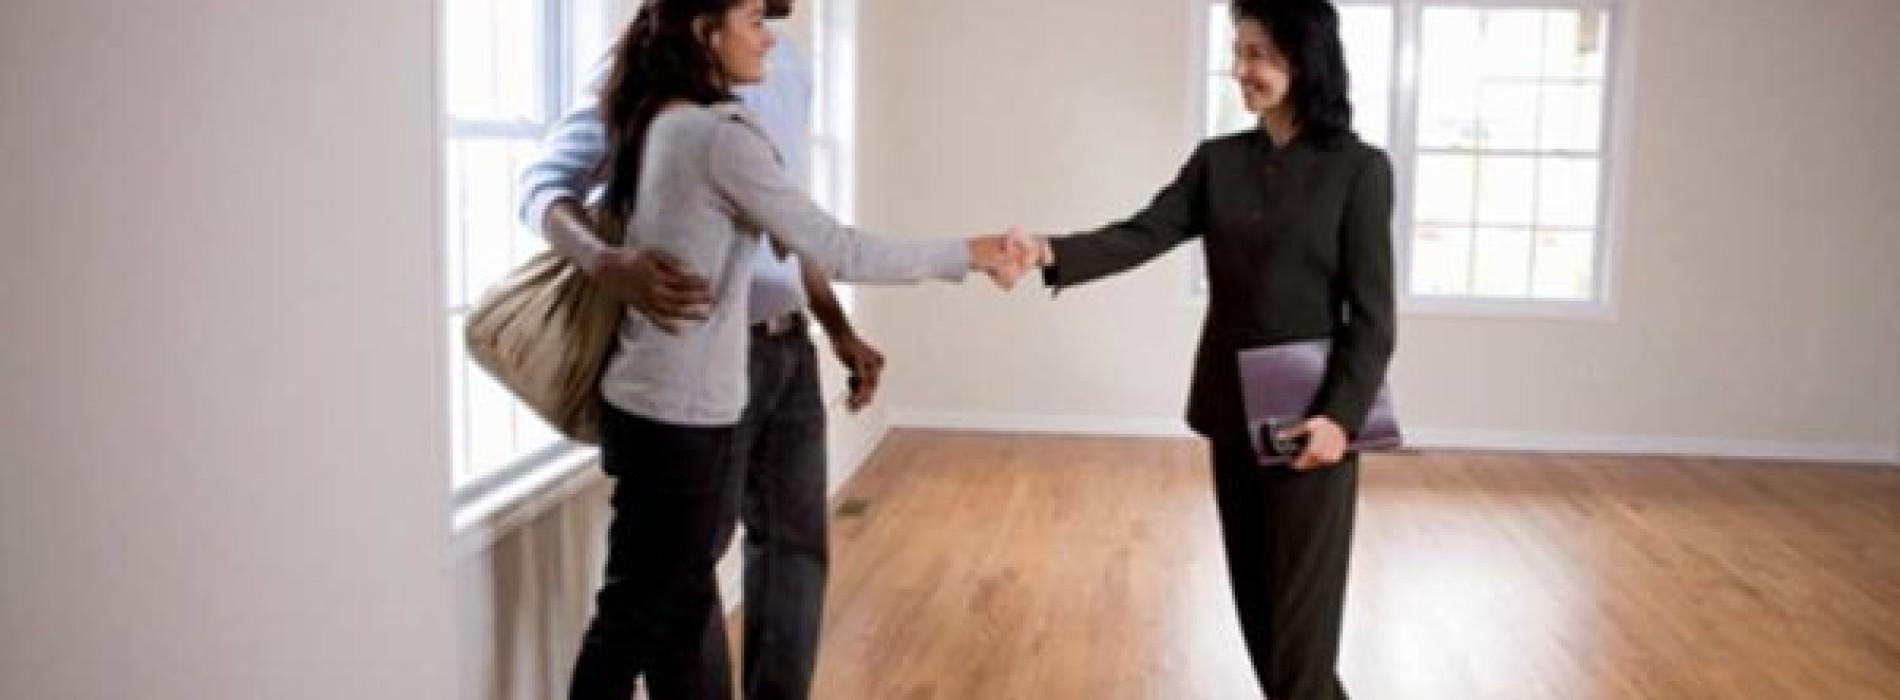 Jakich klientów muszą obsługiwać sprzedawcy?